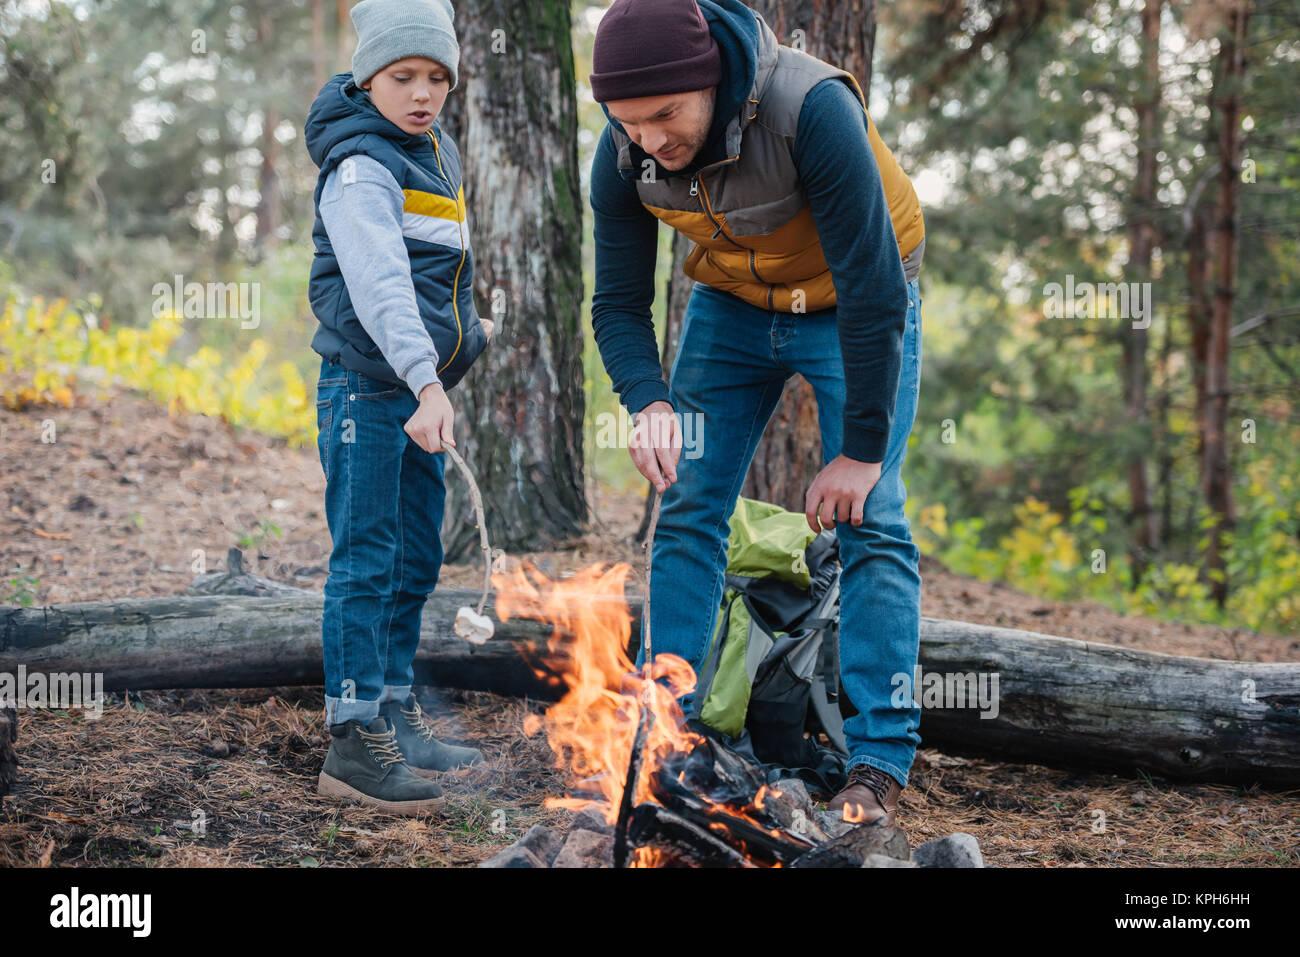 Vater und Sohn kochen Marshmallows in Wald Stockbild